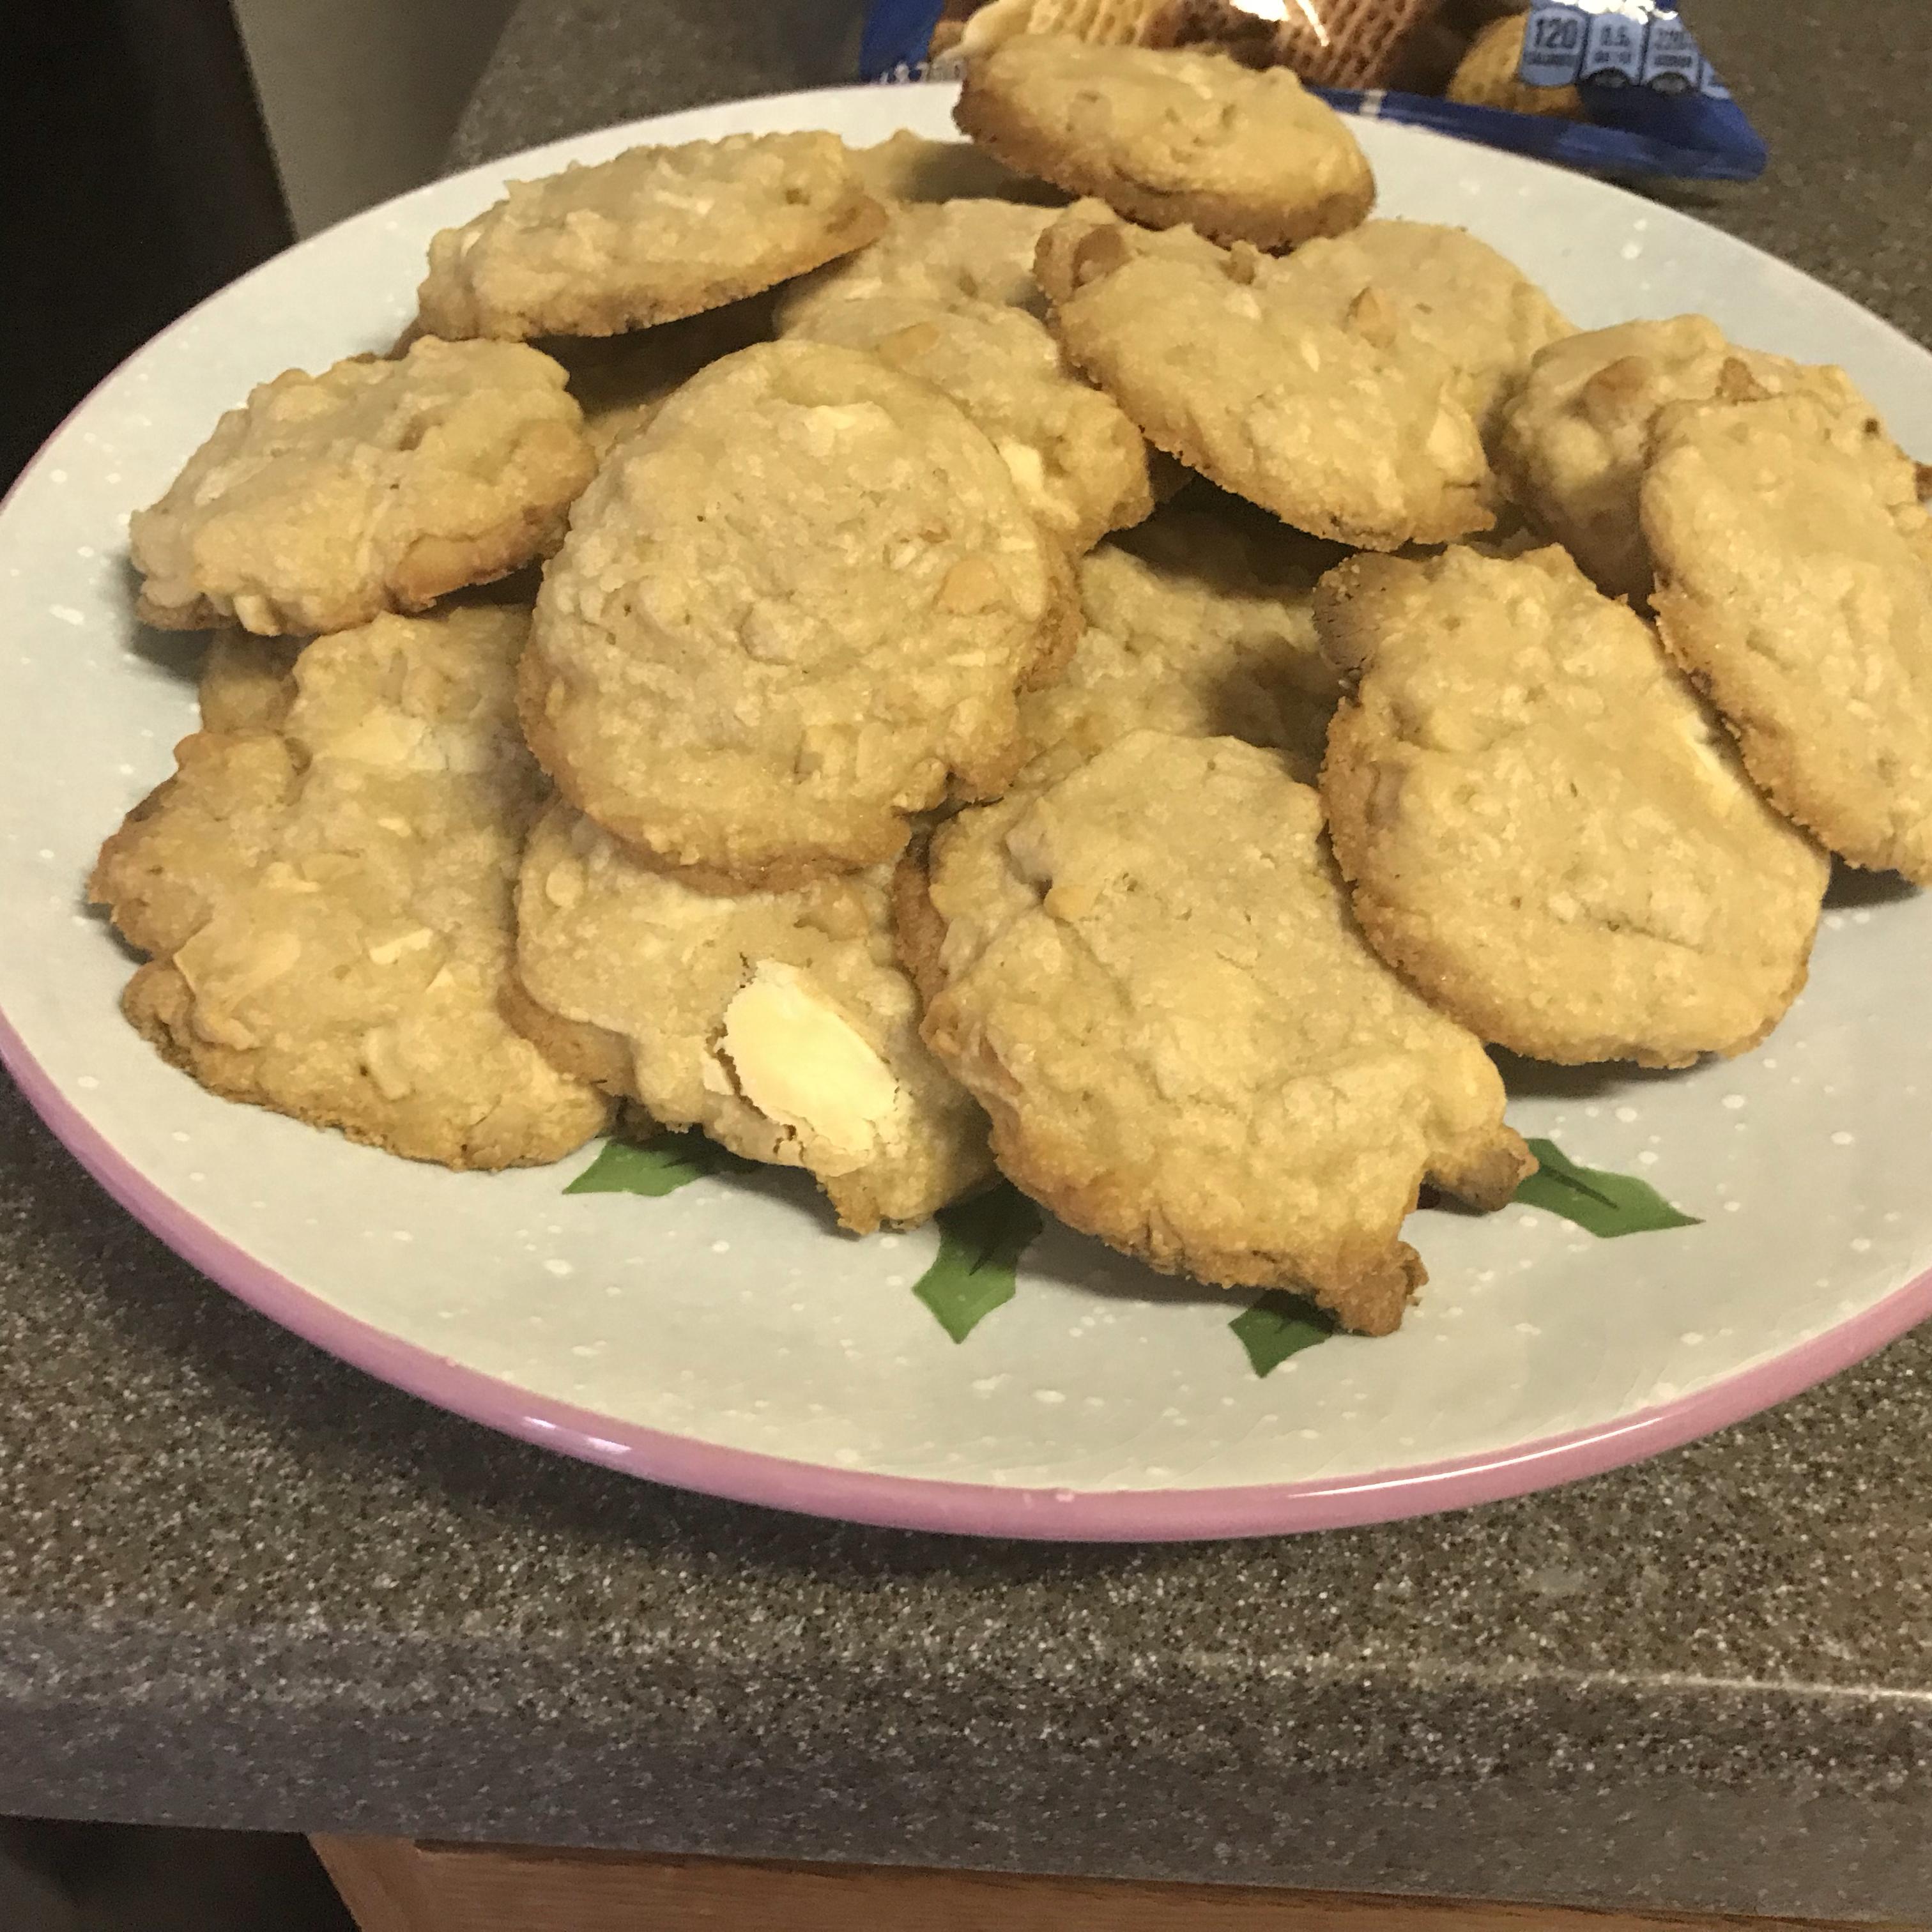 White Chocolate Macadamia Nut Cookies I